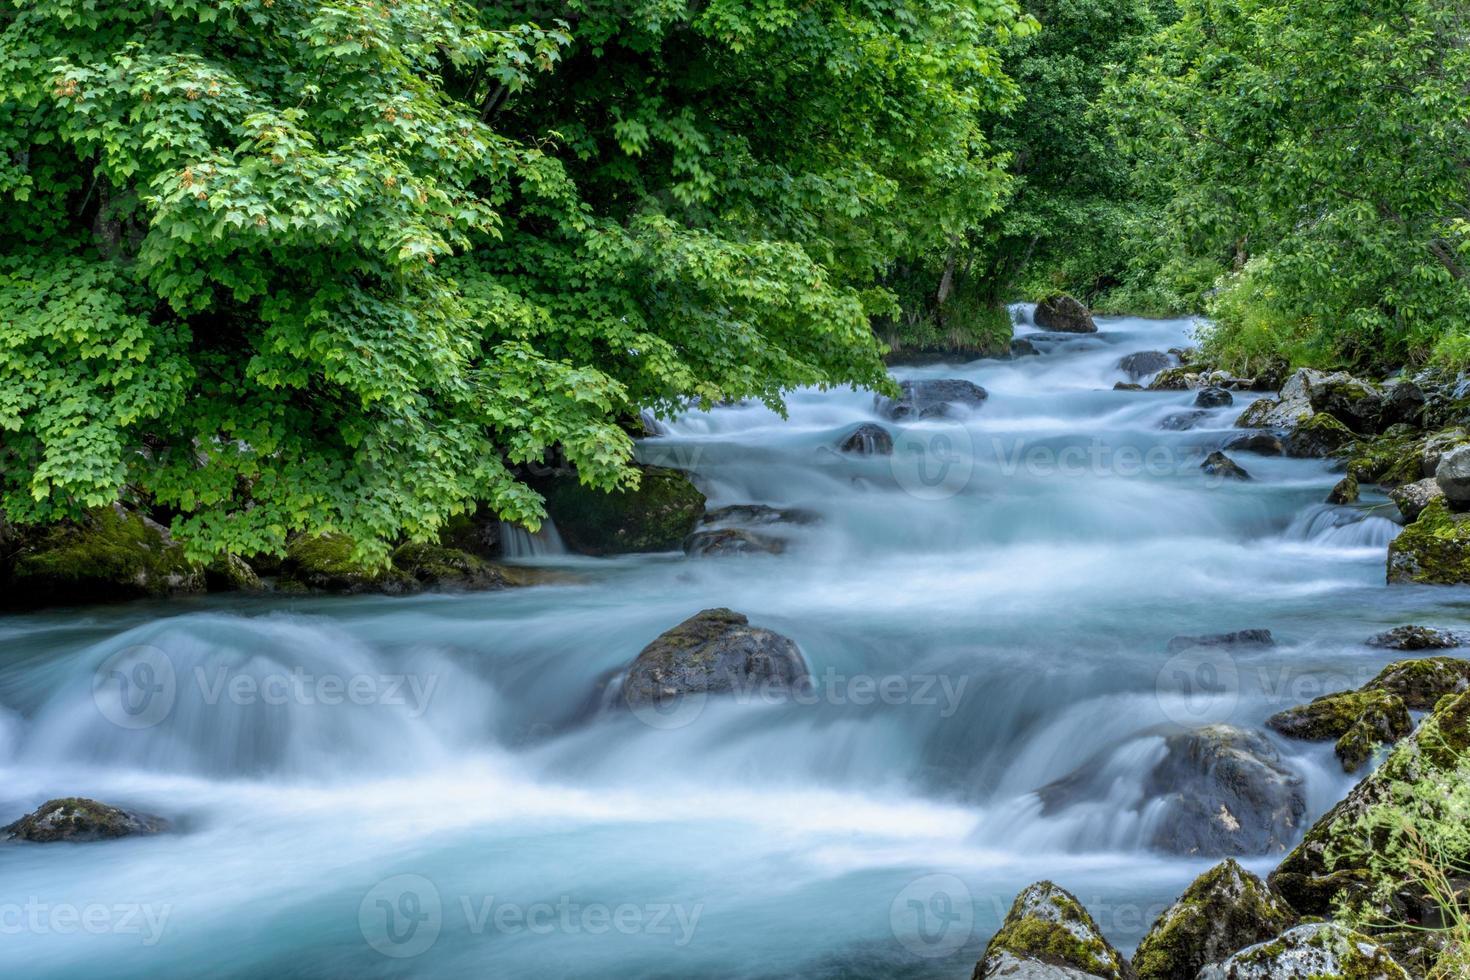 Ruisseau en norvège avec de l'eau turquoise qui coule photo